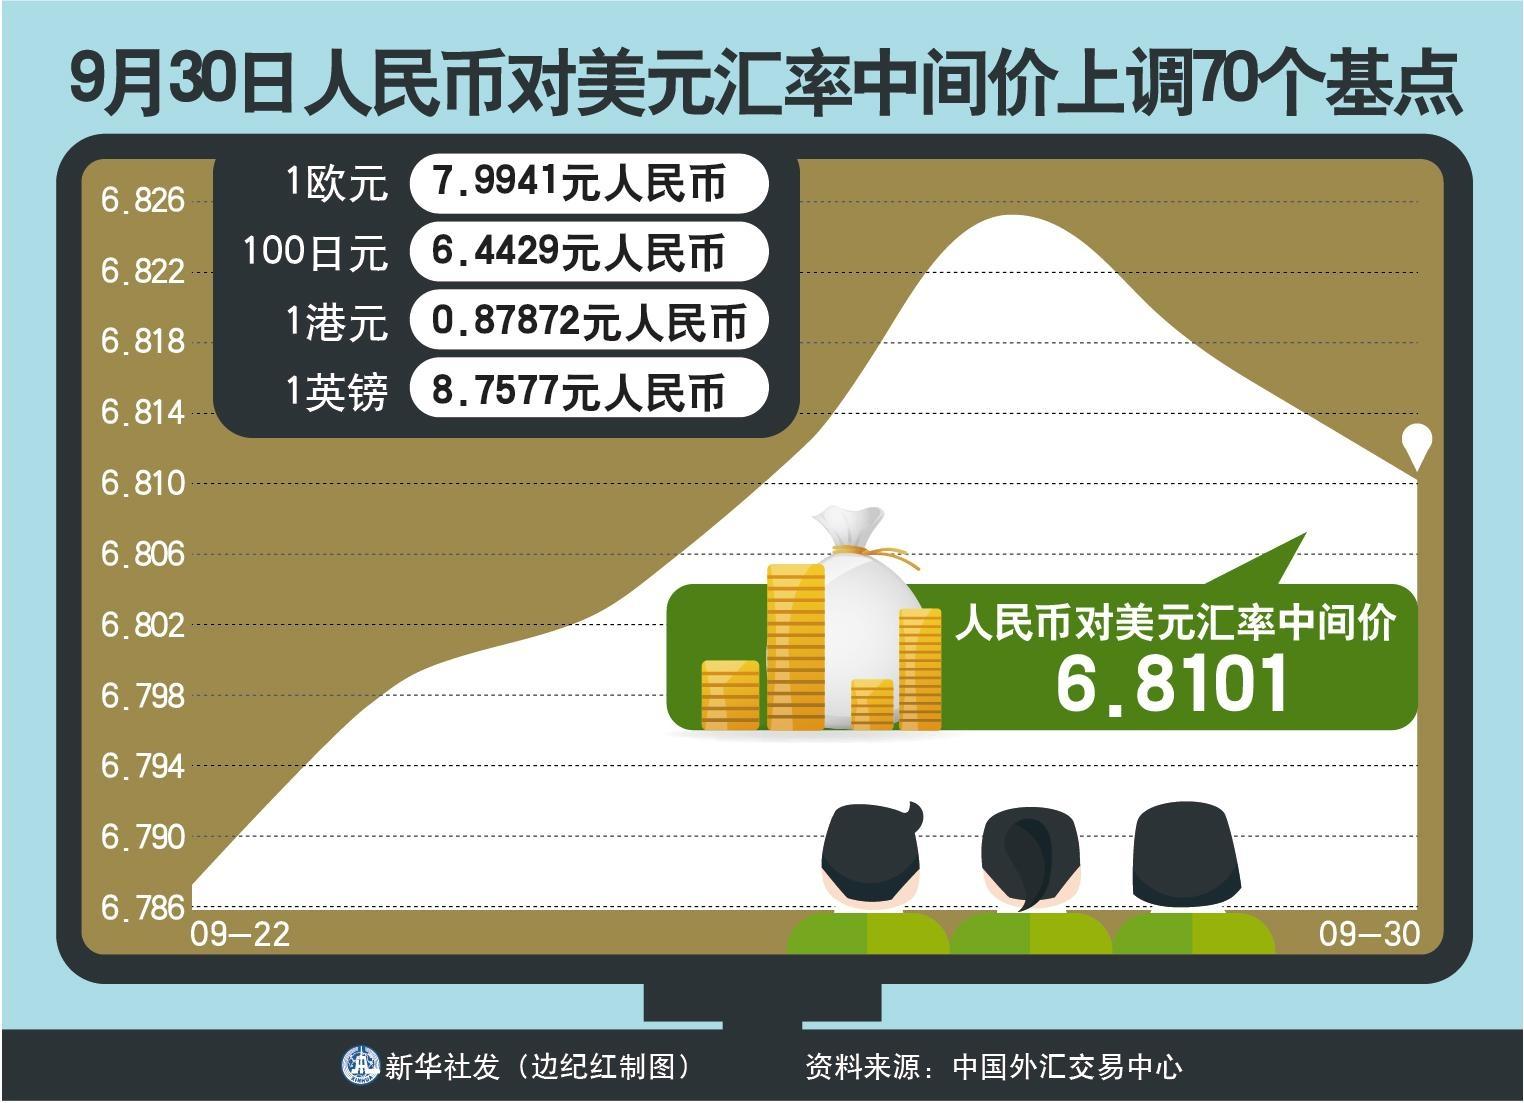 [财经·行情]9月30日人民币对美元汇率中间价上调70个基点